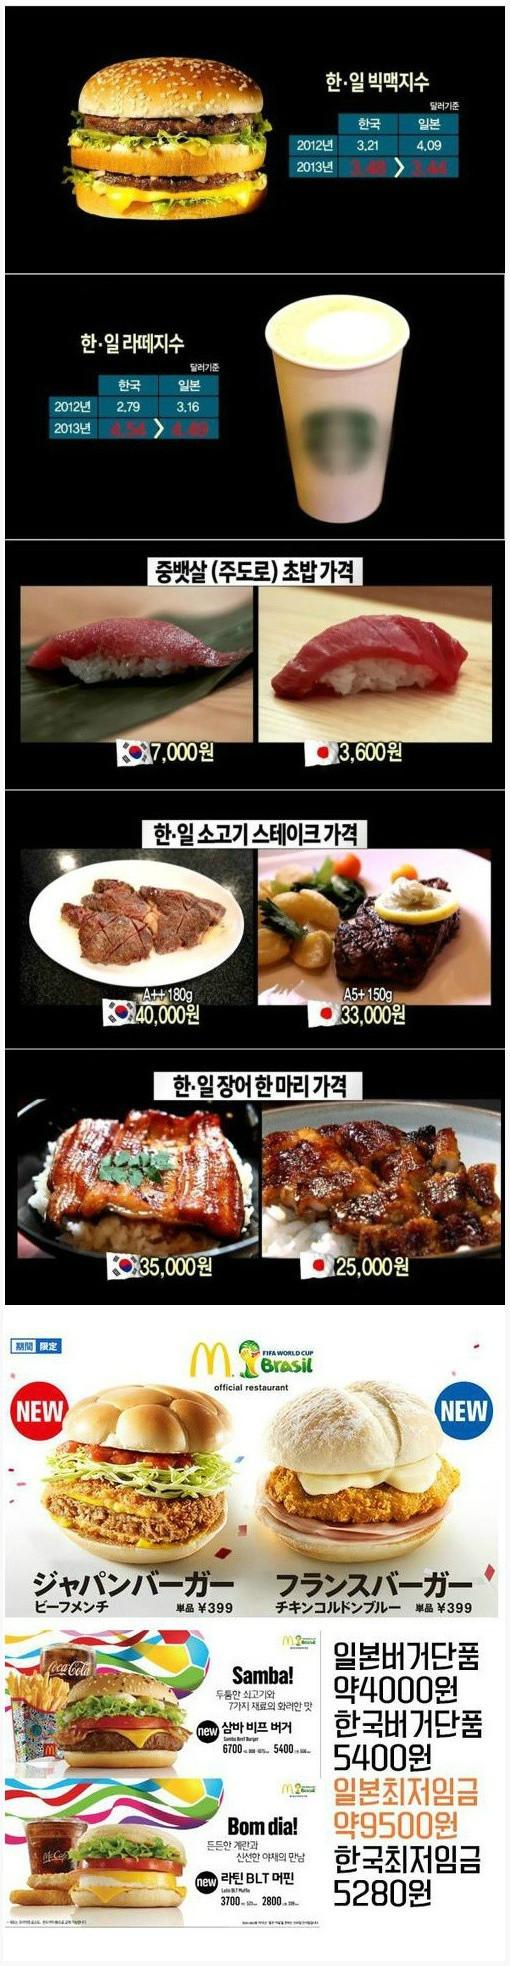 한국과 일본 물가 비교.jpg.jpg